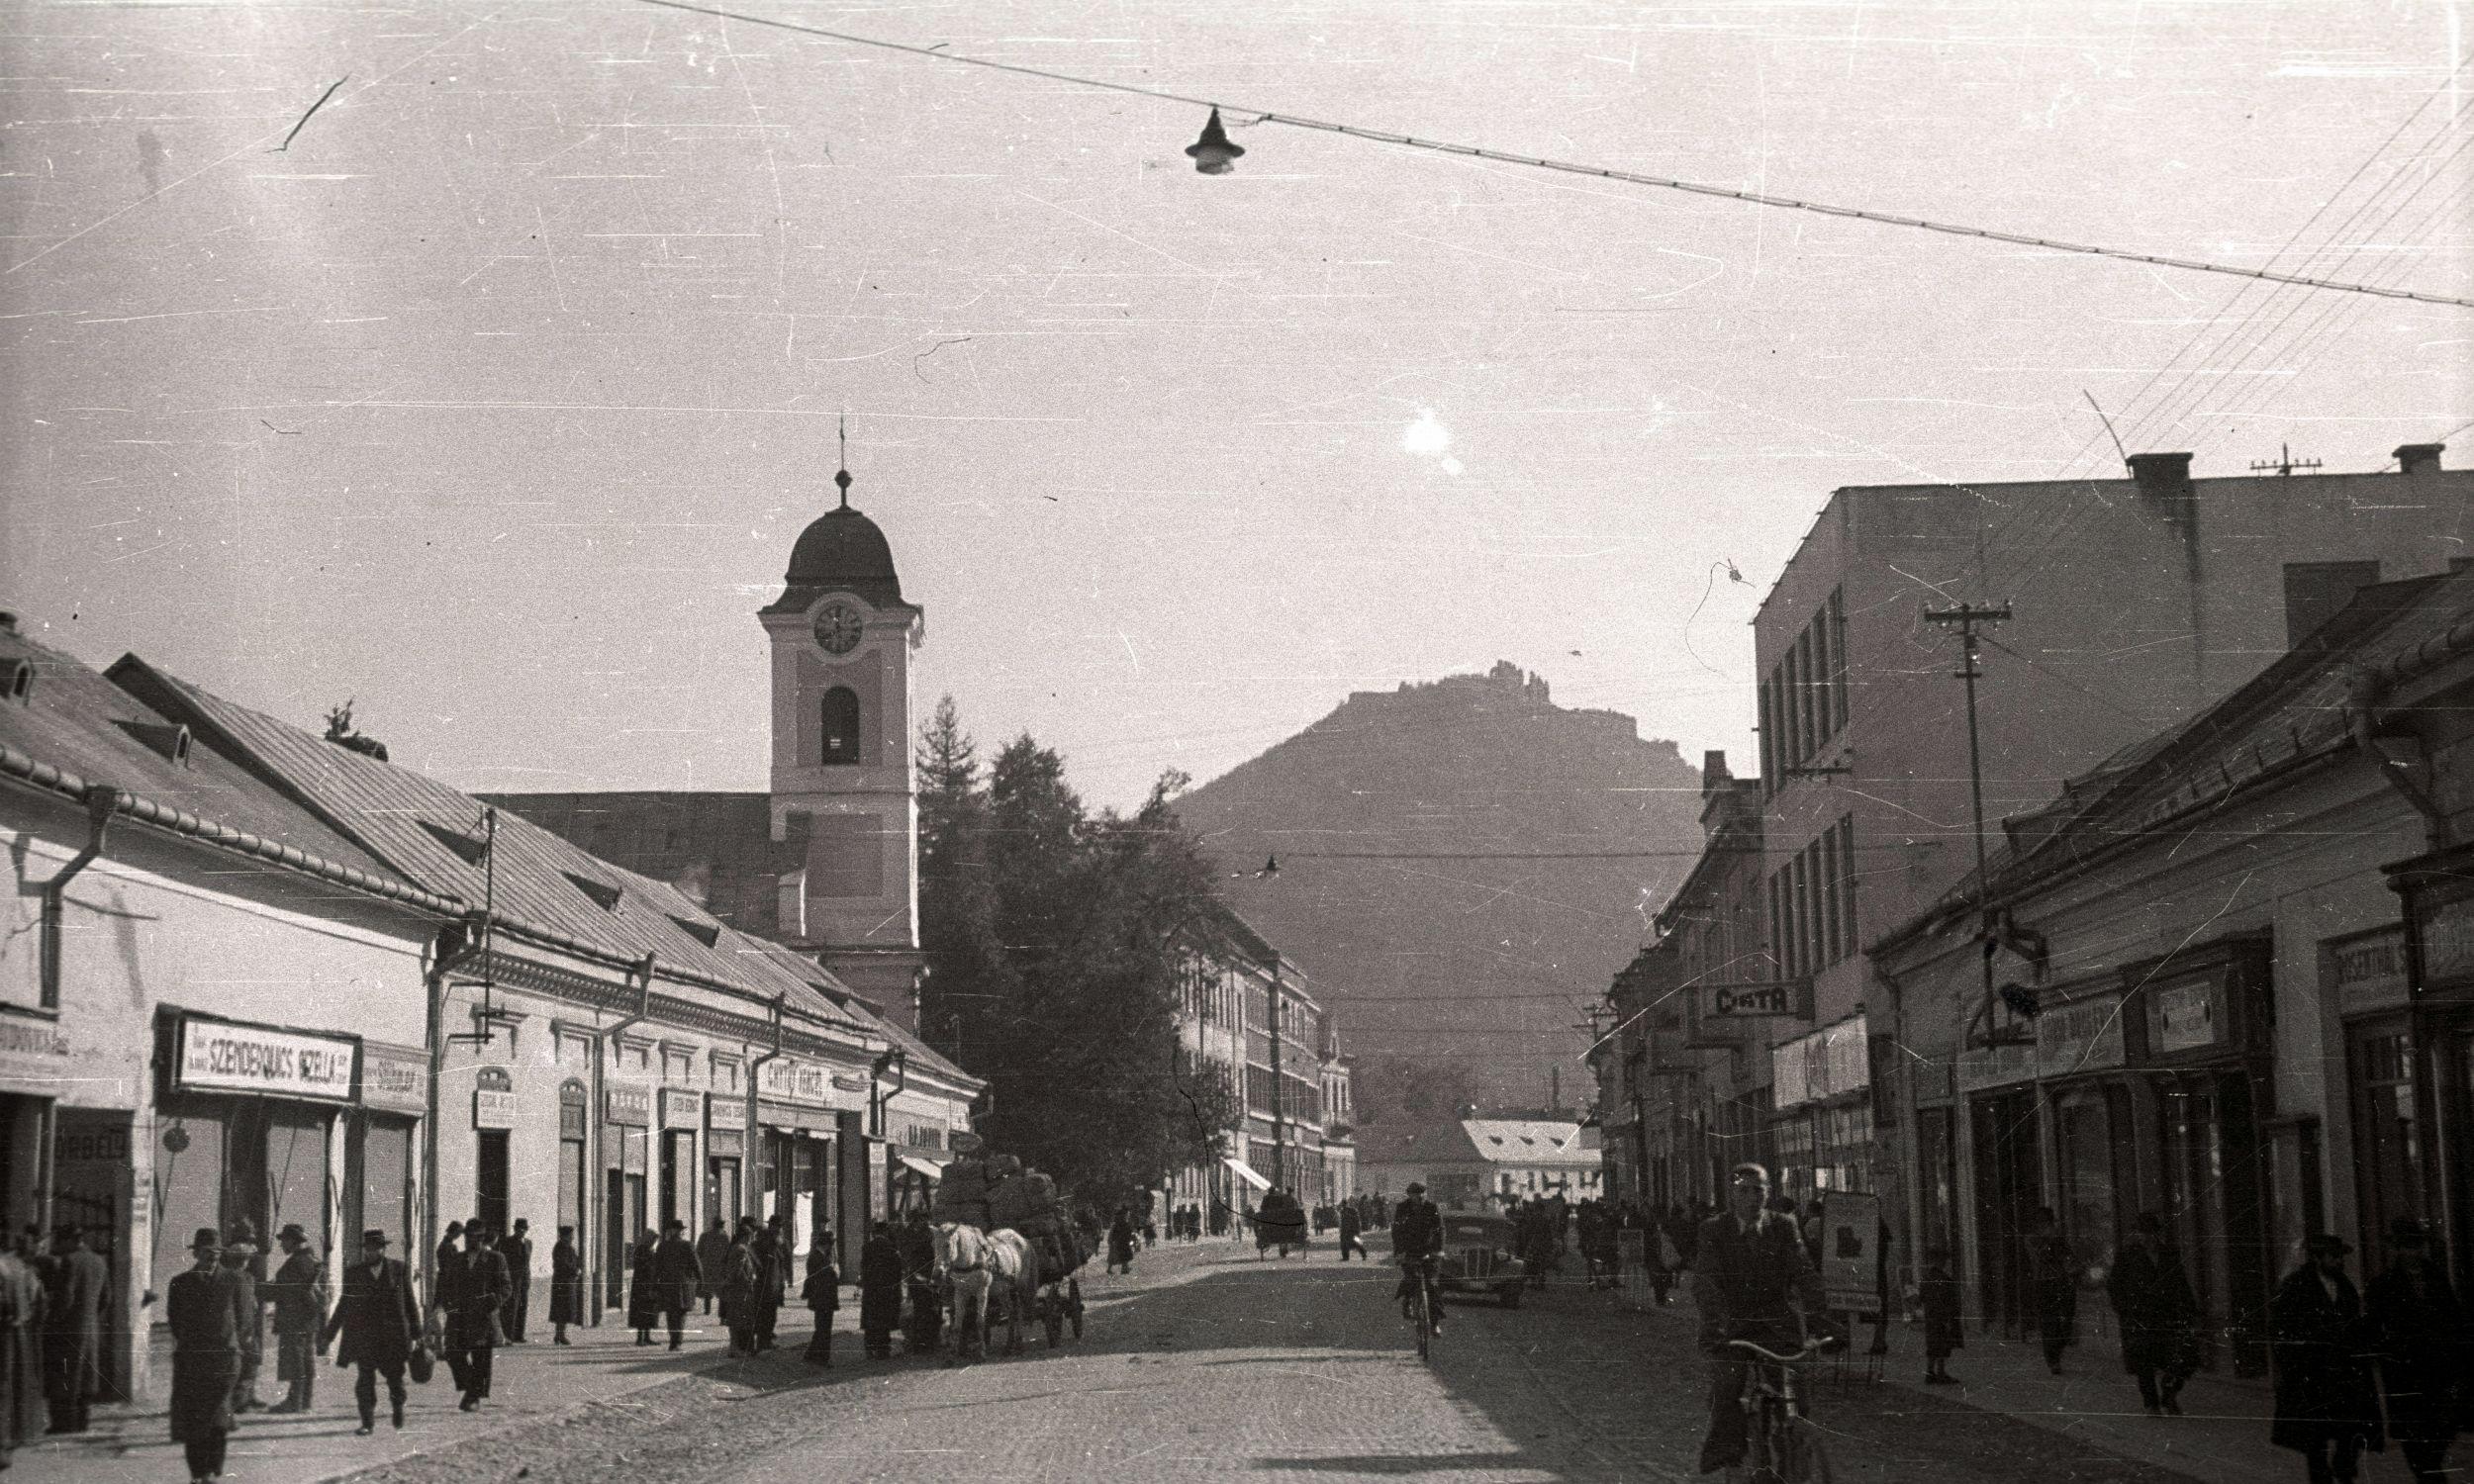 Ul. Siczy Karpackiej,widoczny kościół św. Anny, w tle zamek. Fot. Wikimedia/FORTEPAN / Pálfi András, CC BY-SA 3.0